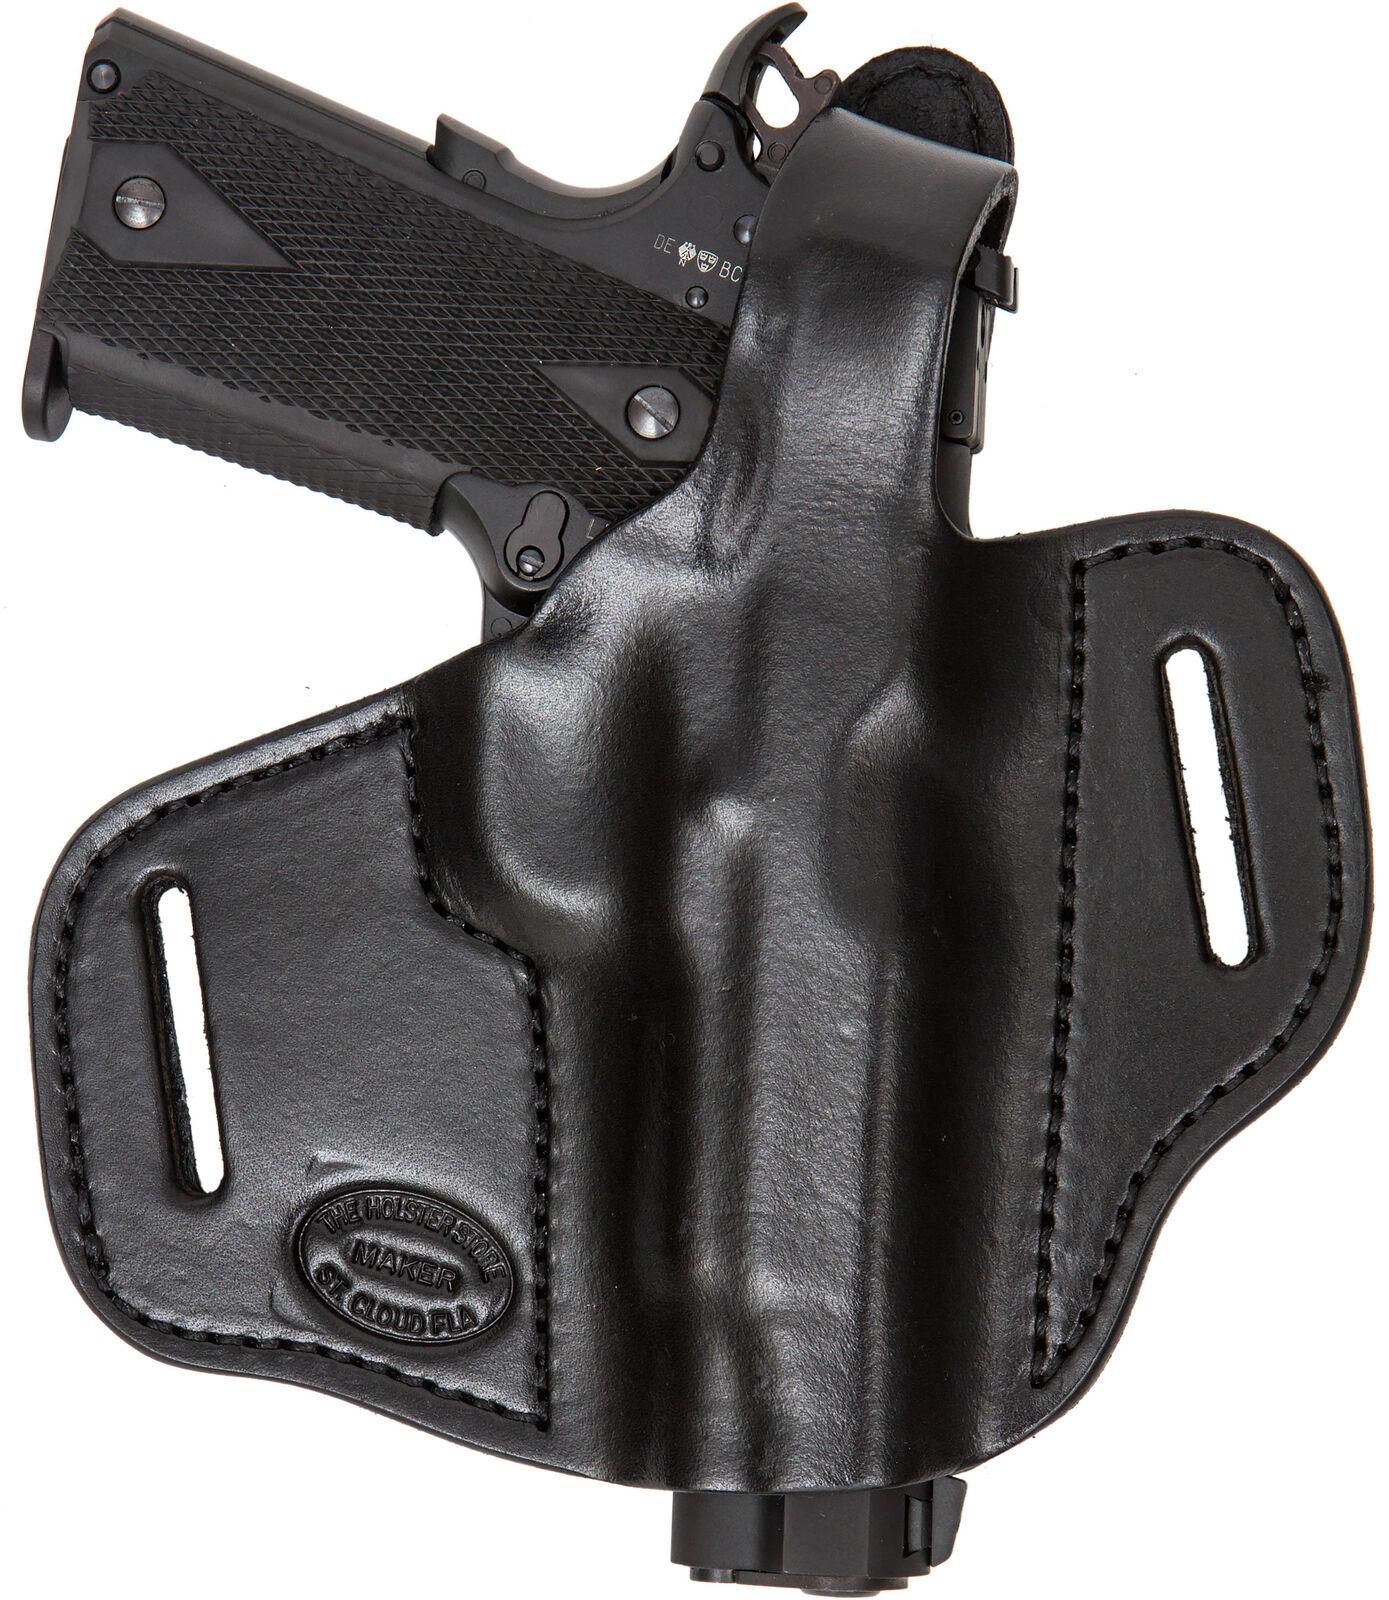 On Duty Conceal RH LH OWB Leder Holster Gun Holster Leder For Kimber 1911 4